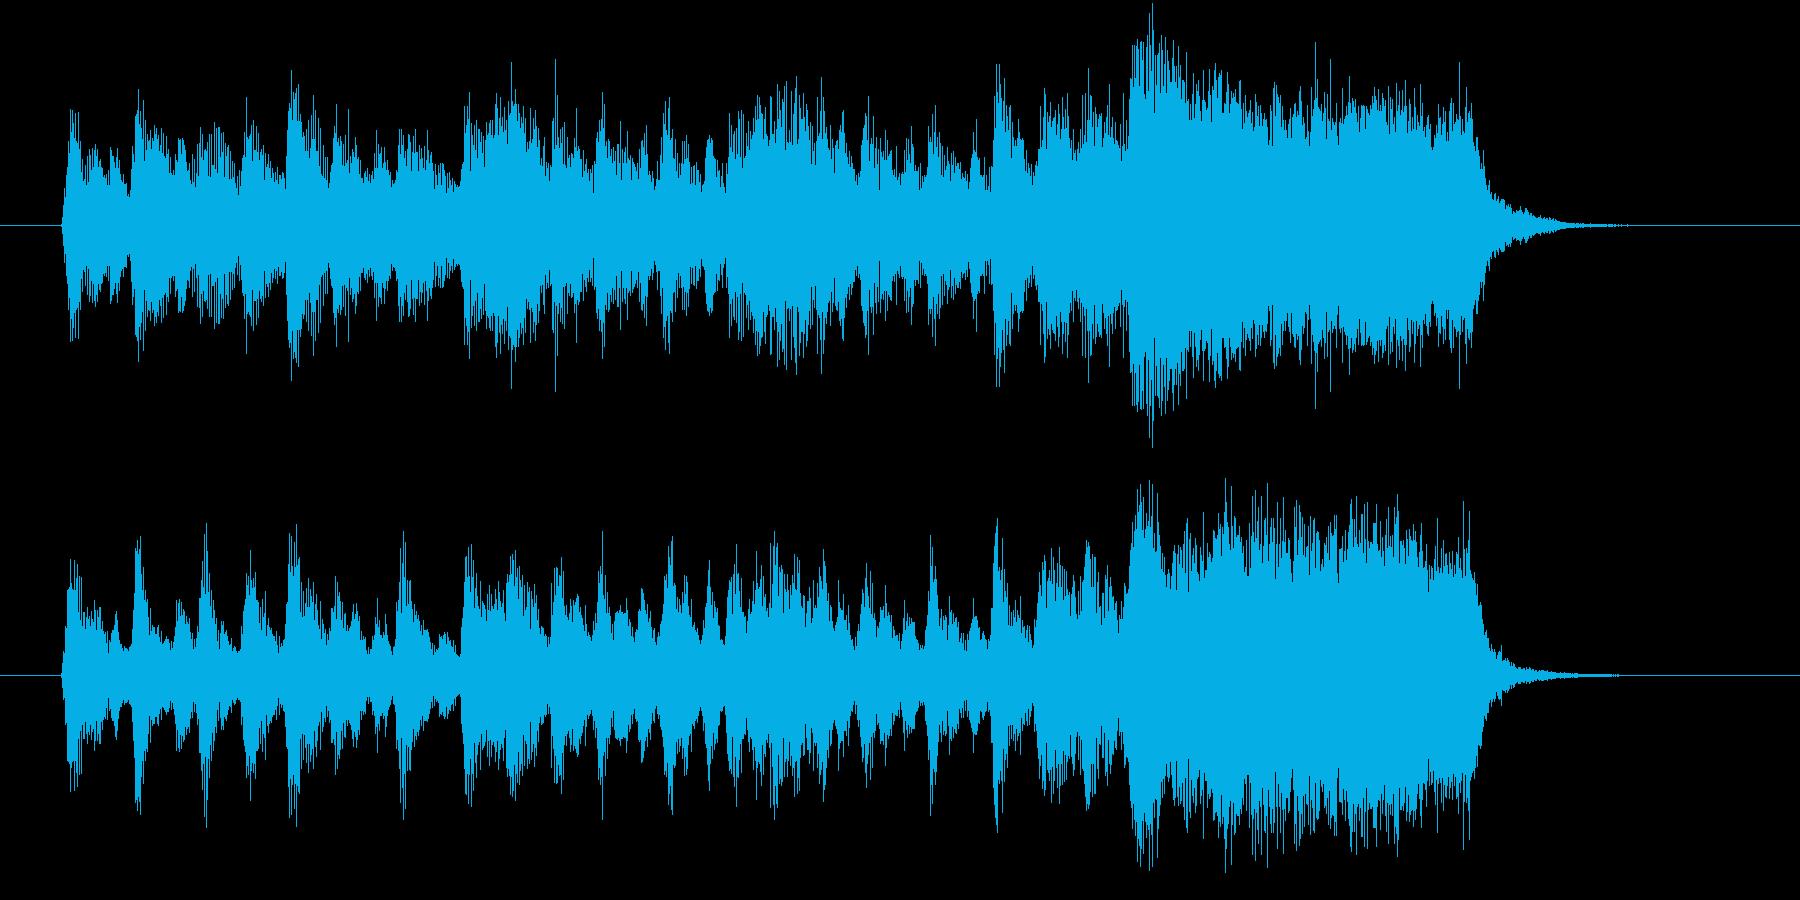 躍動感のあるカルテッドの再生済みの波形